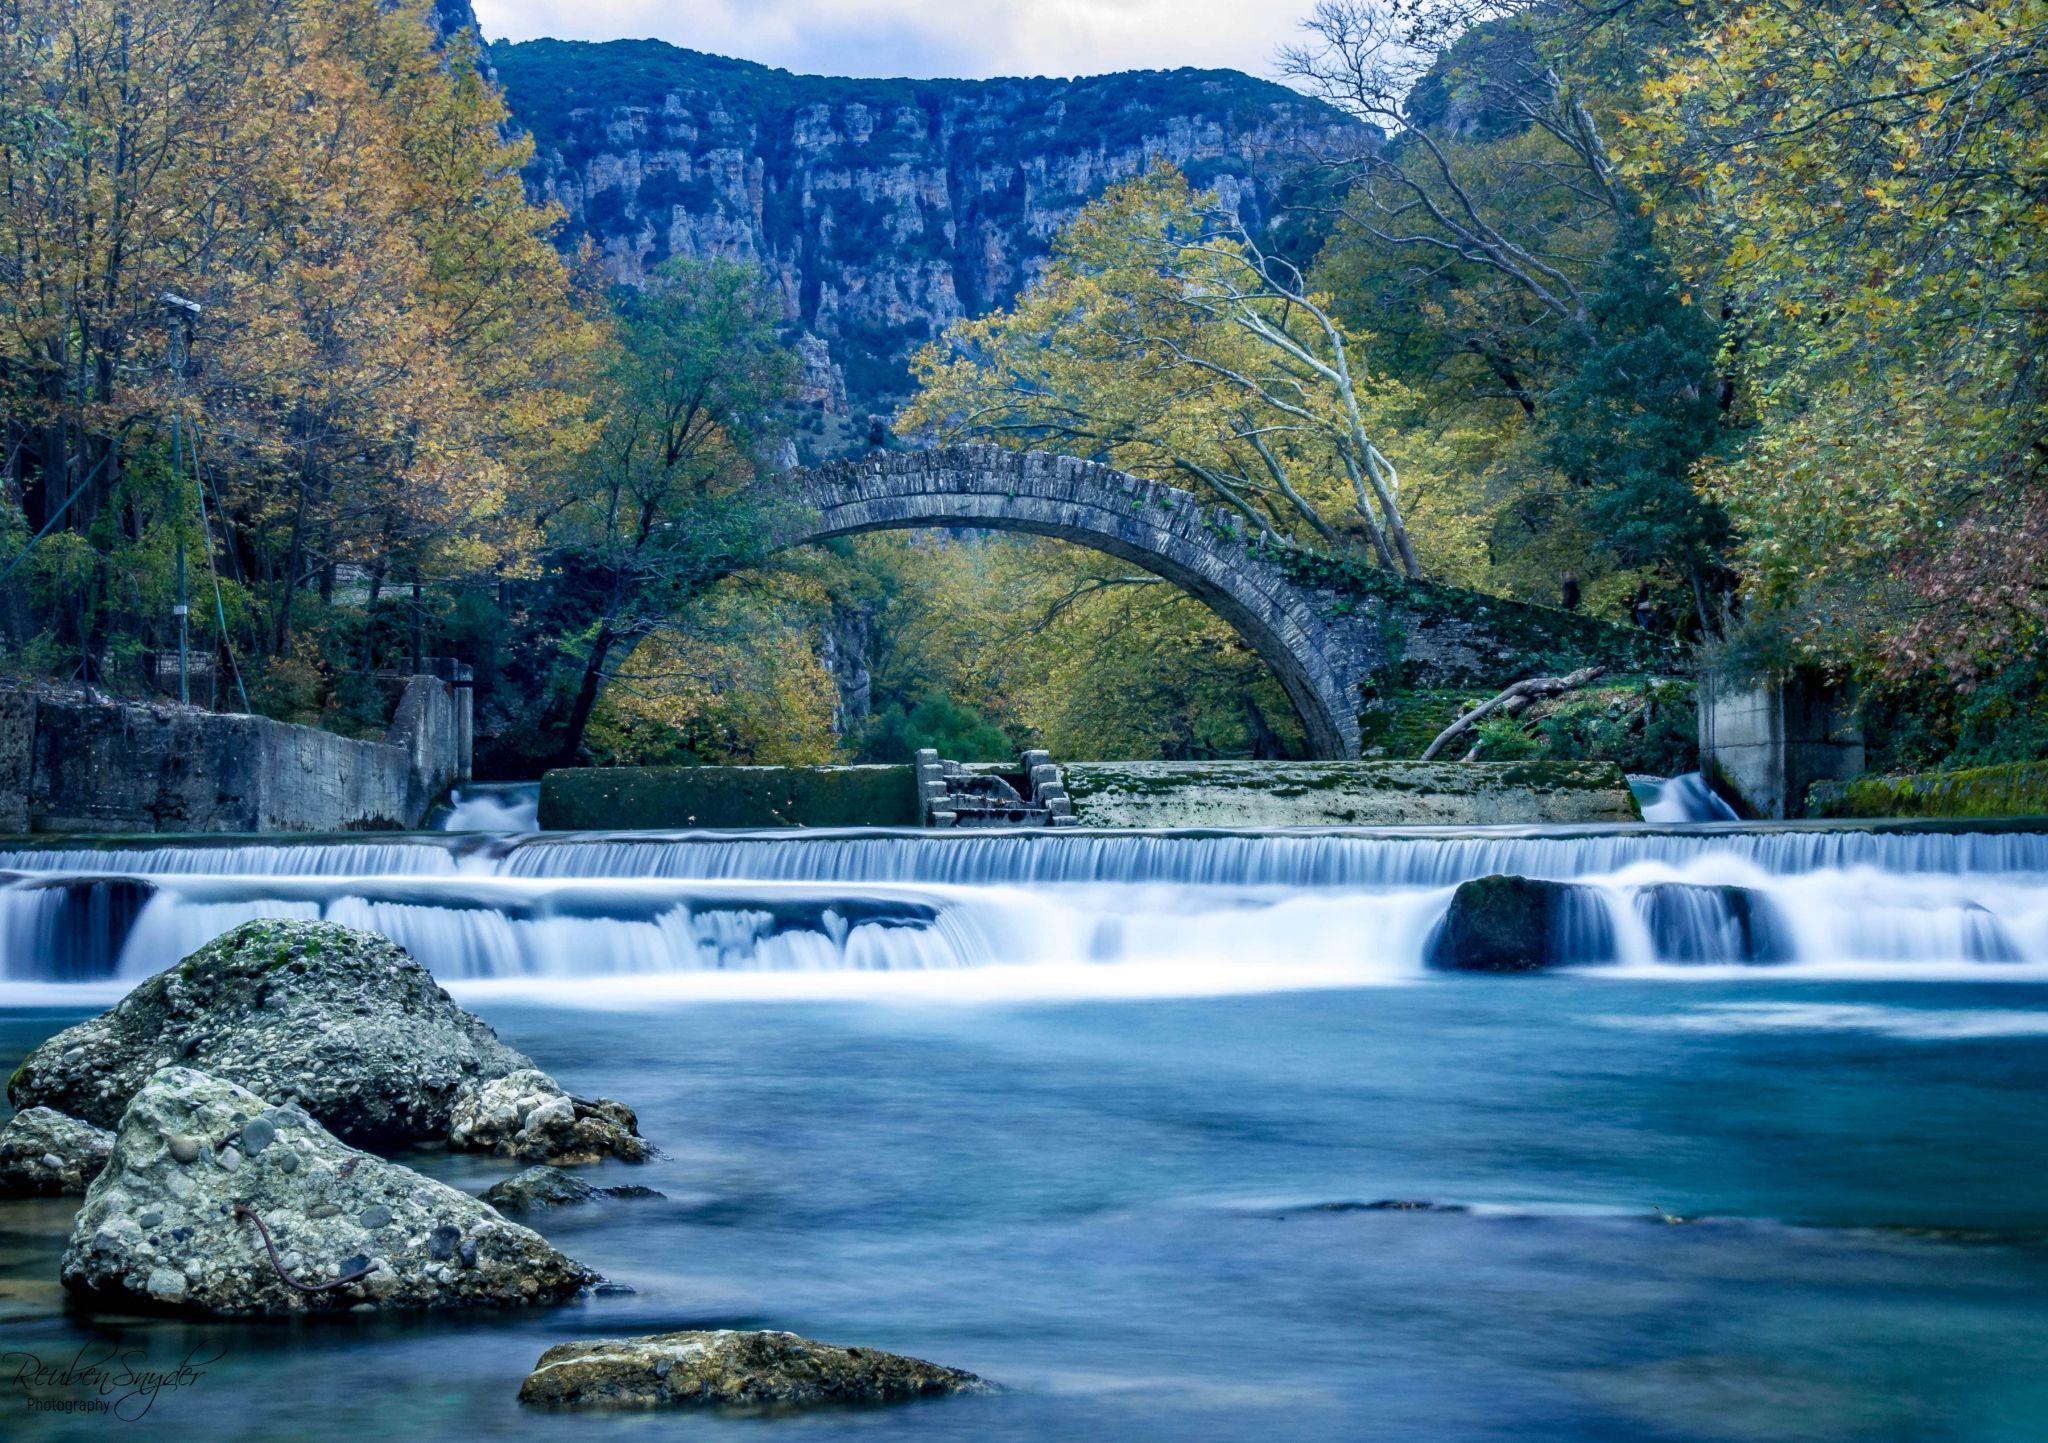 Kleidonia stone bridge, Greece